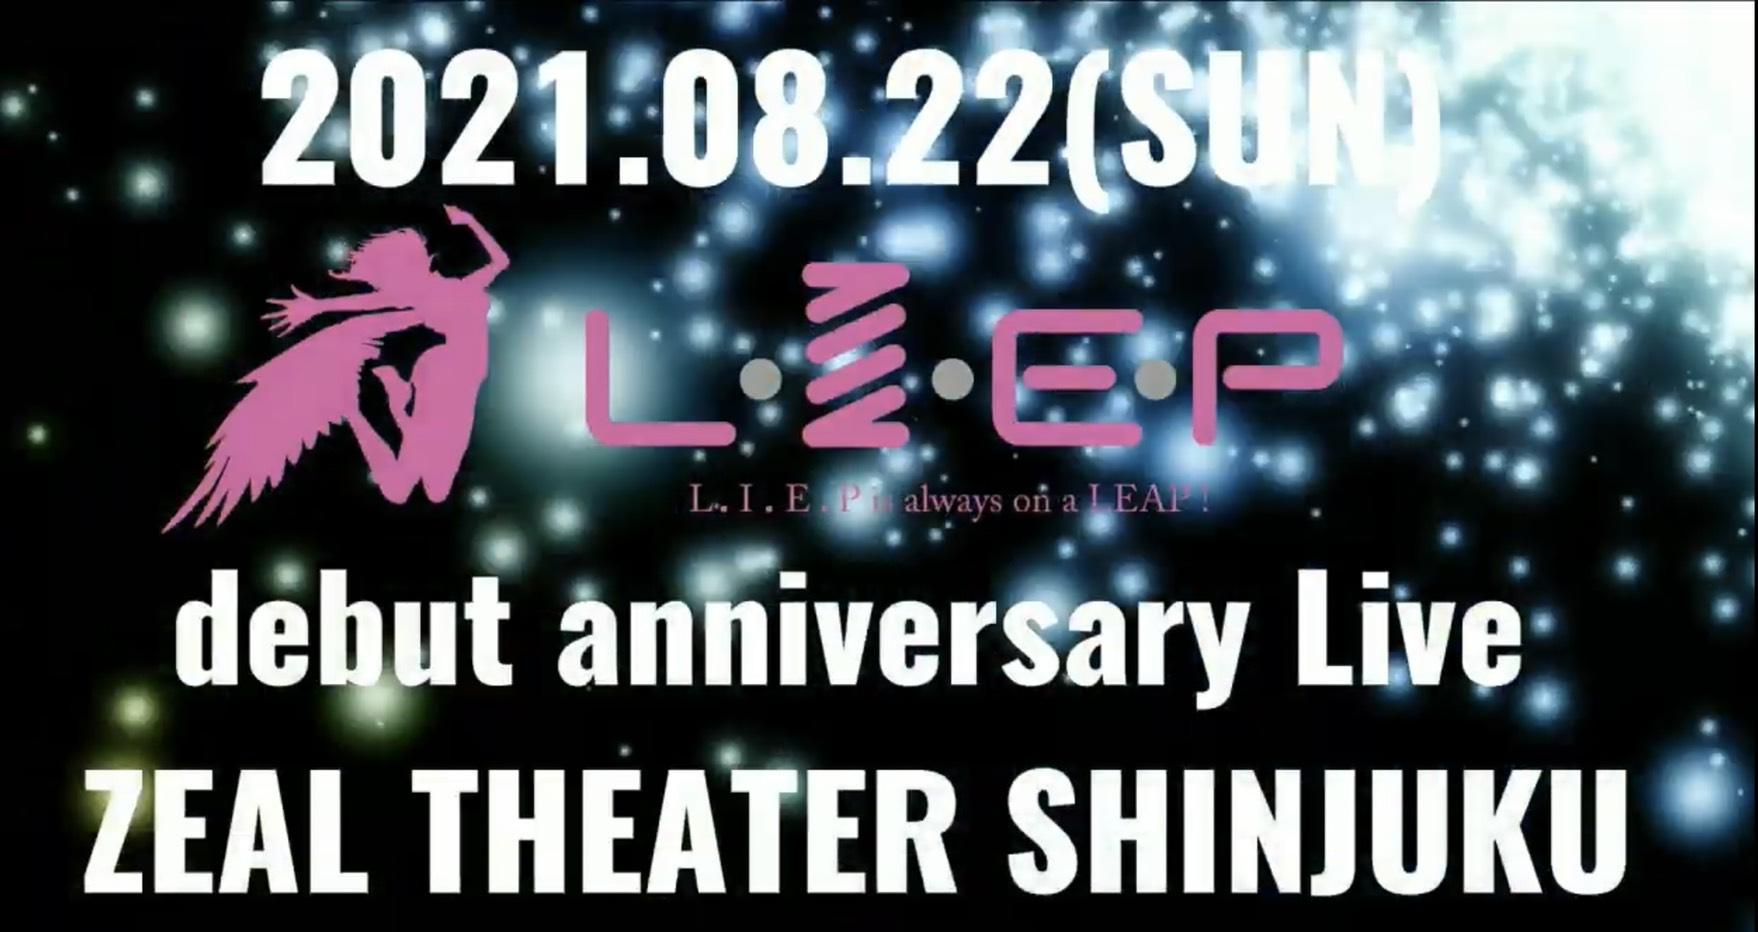 『L・Ⅰ・E・P』(リープ)